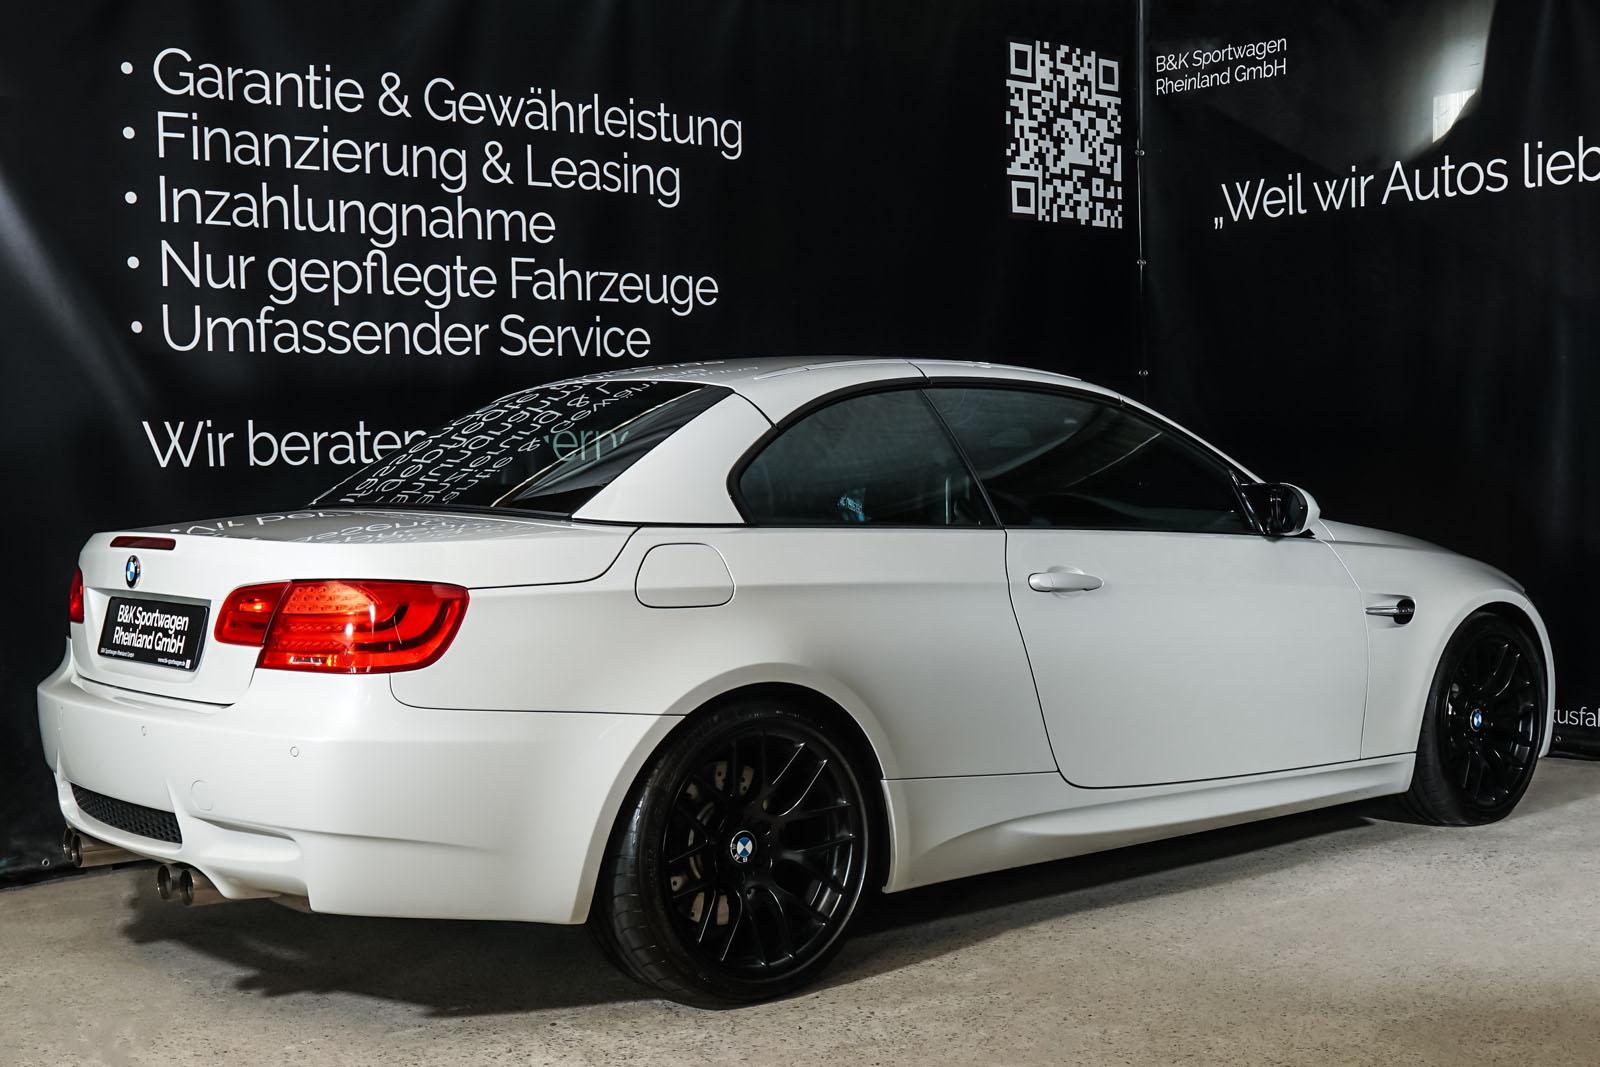 BMW_M3_Cabrio_Weiß_Schwarz_BMW-5973_23_w